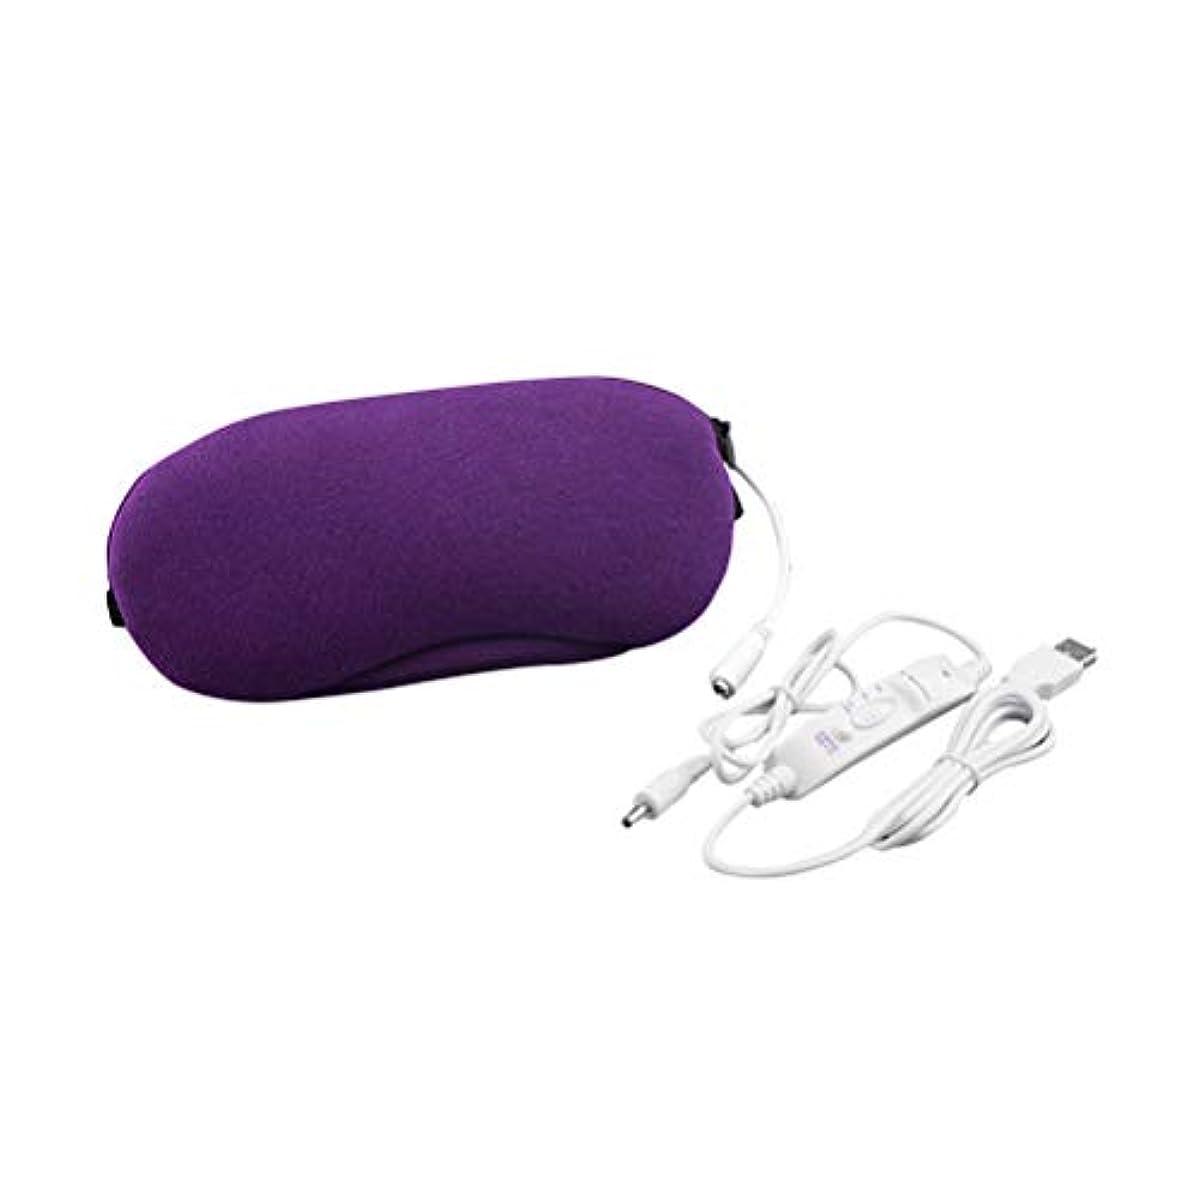 空白消化器共和党Healifty アイマスク 蒸気ホットアイマスク USB 加熱式 スリーピングアイマスク 温度とタイミング制御 吹き出物/乾燥/疲れた目(紫)